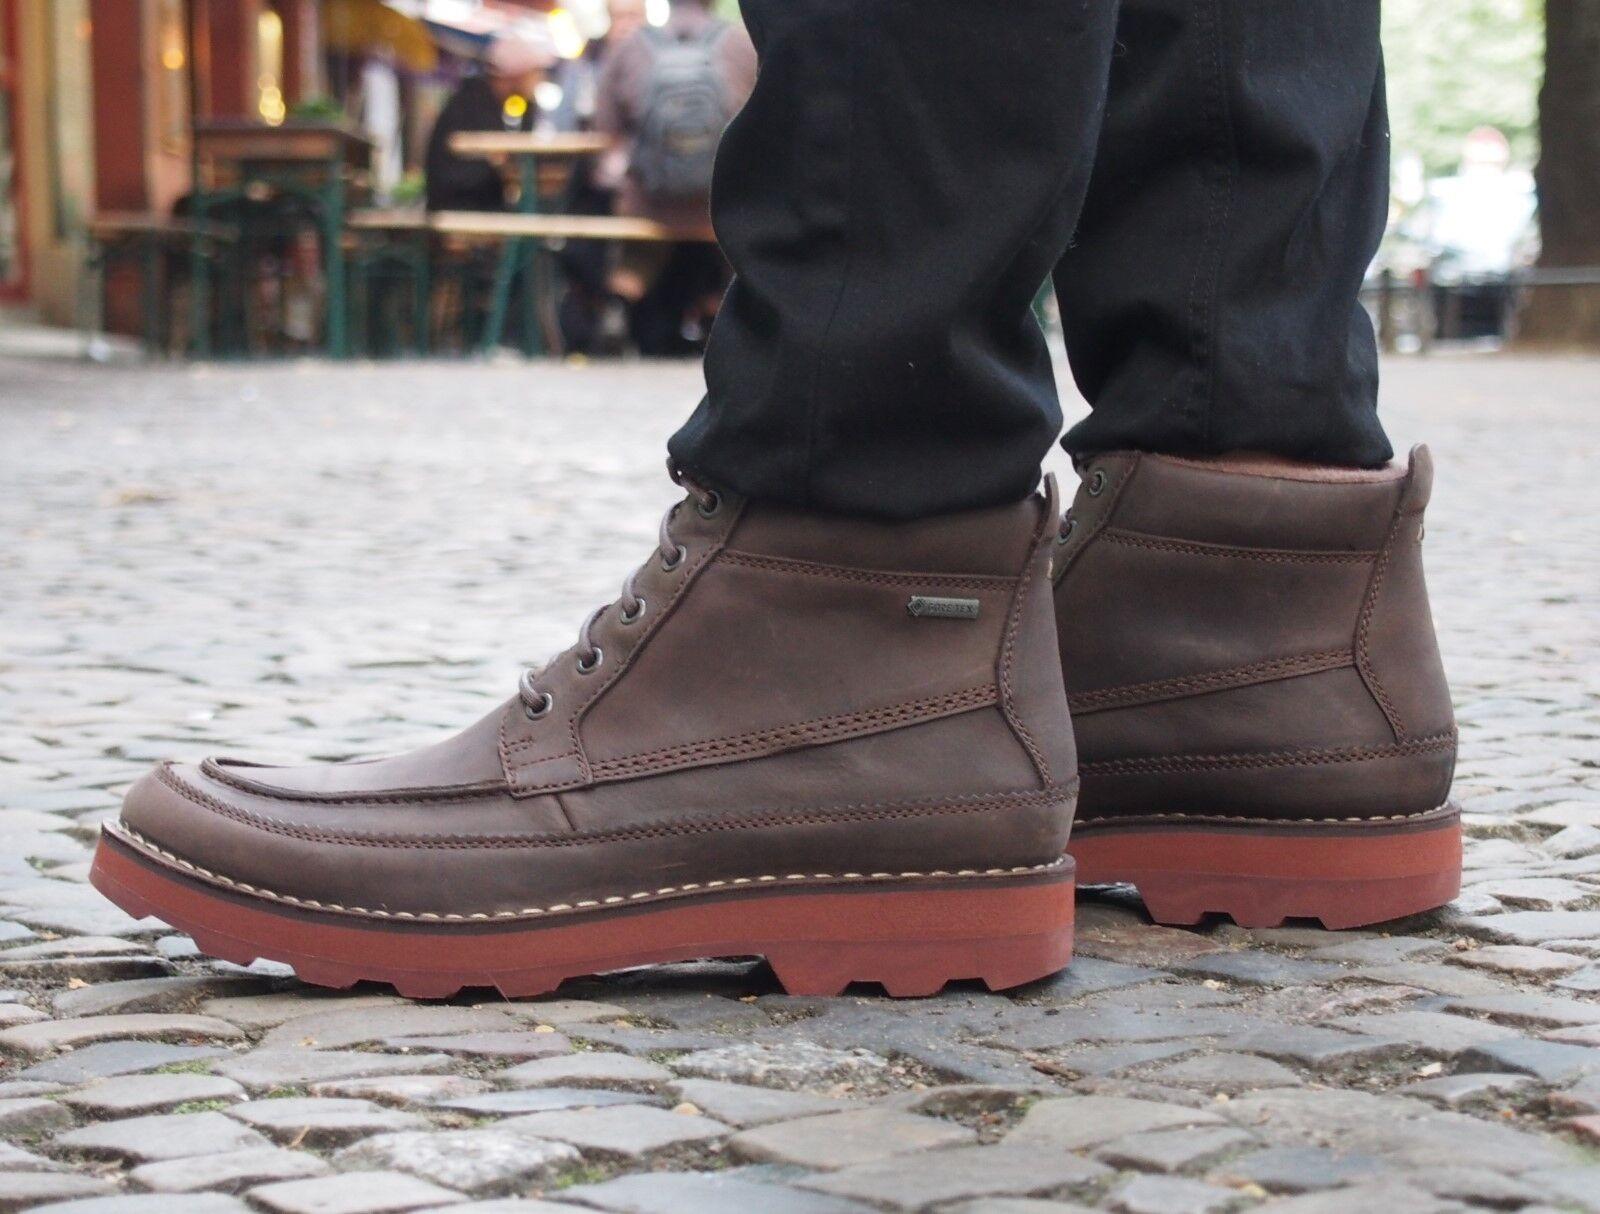 Clarks Originals Schuh Korik Rise GTX GoreTex Brown Echtleder Winterschuhe NEU